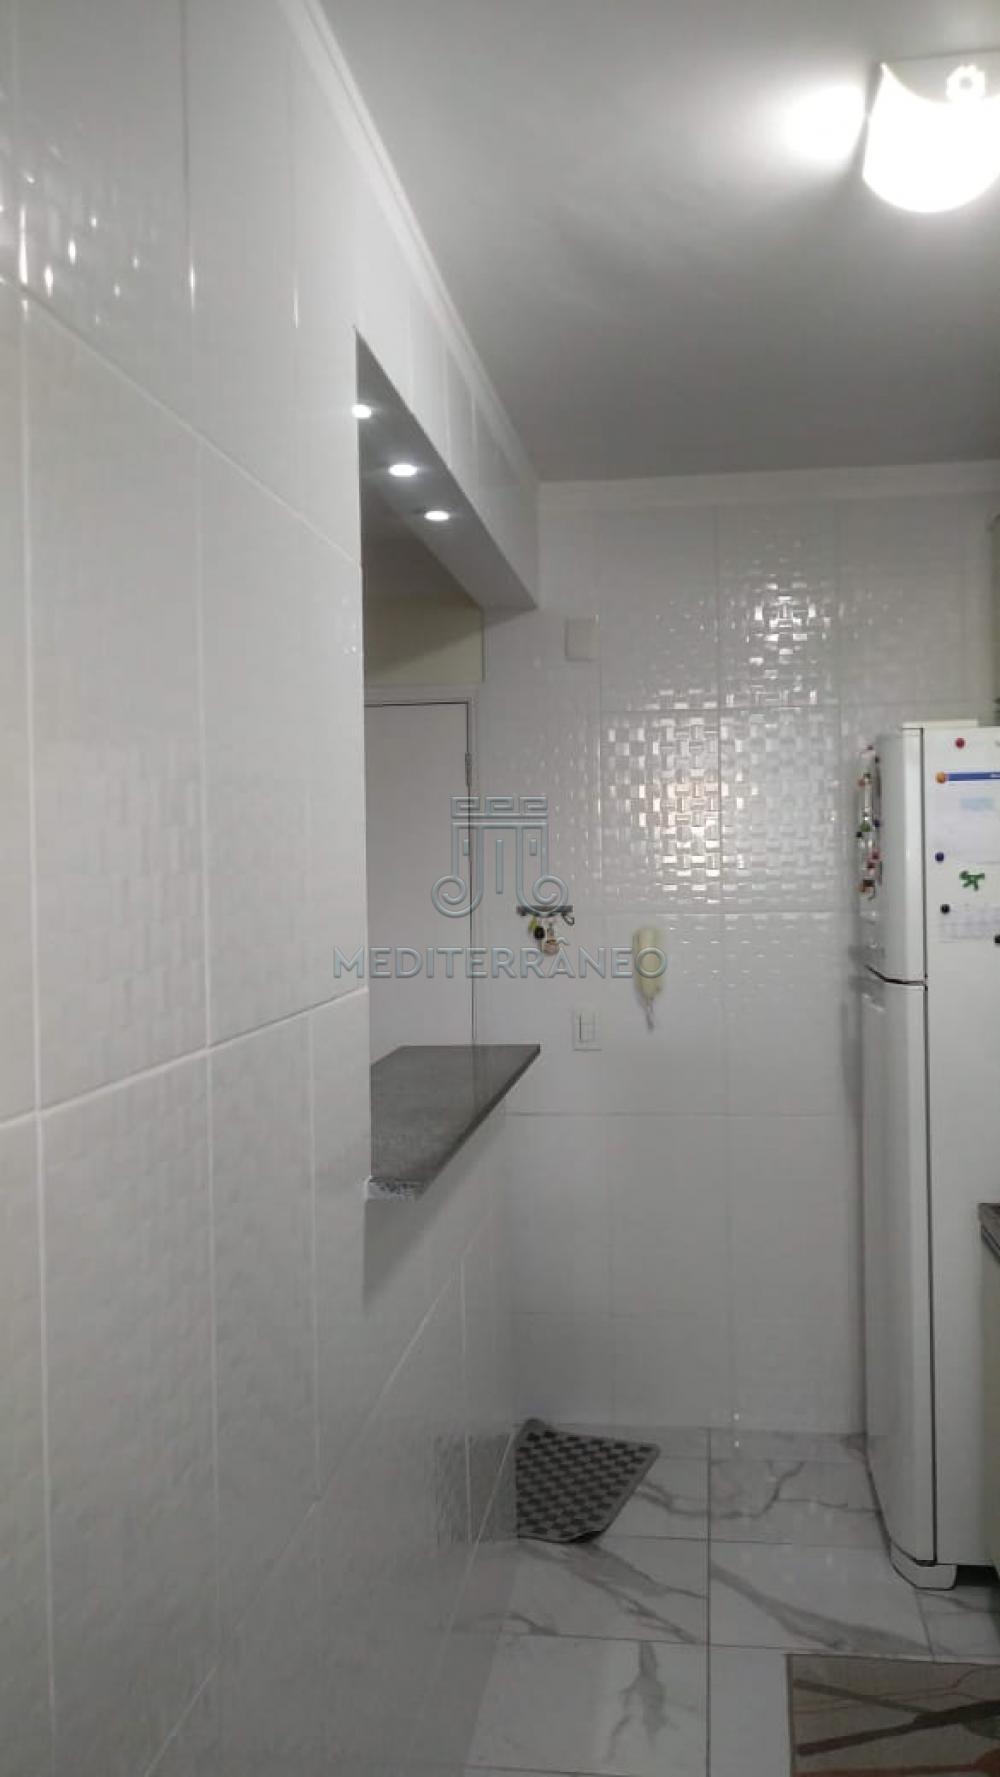 Comprar Apartamento / Padrão em Jundiaí apenas R$ 292.000,00 - Foto 16